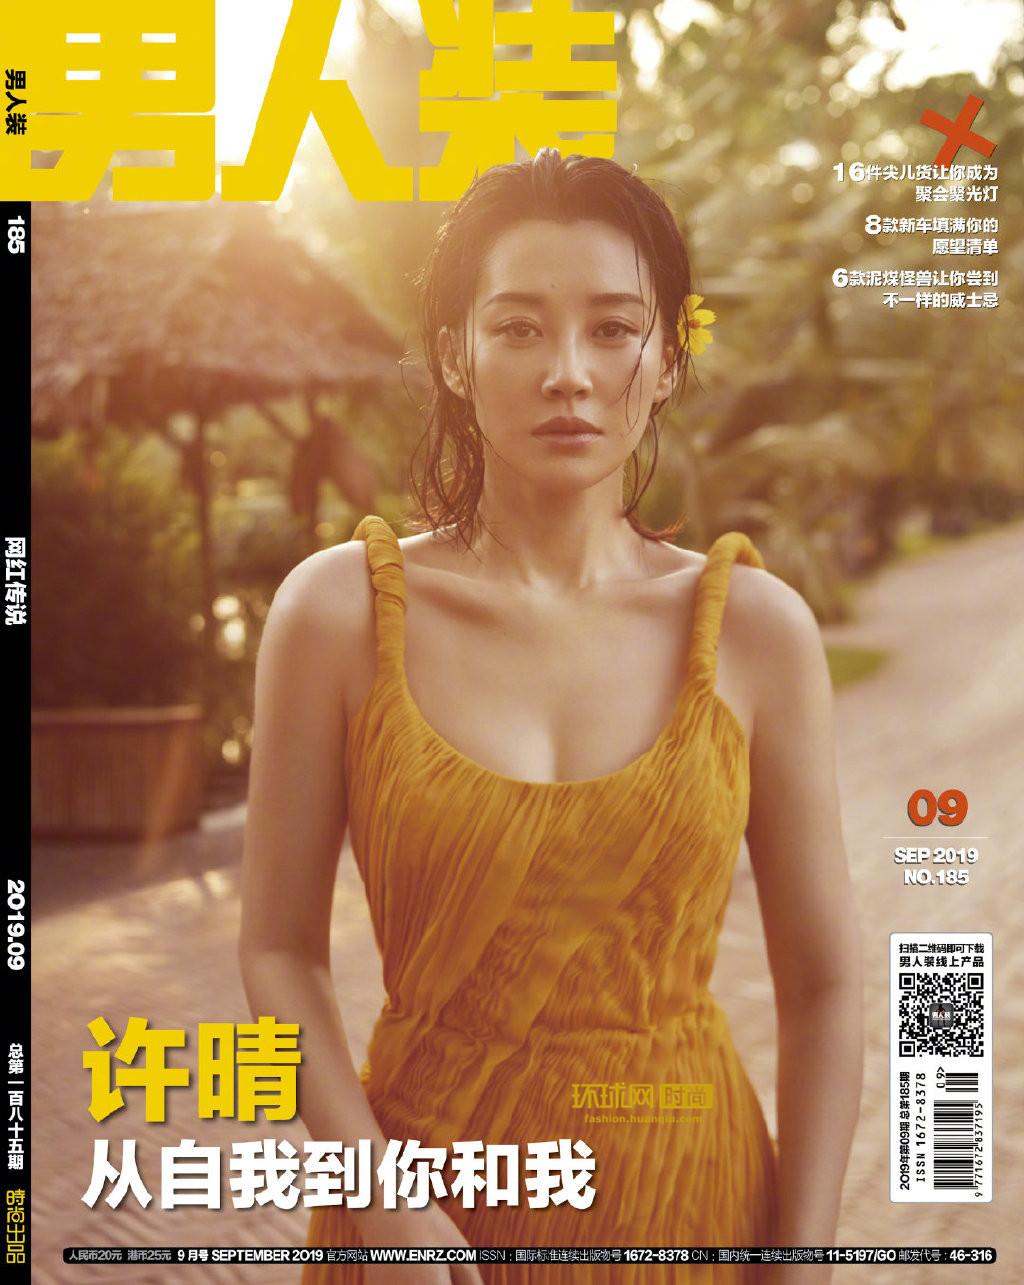 许晴登时尚杂志 展现超越年龄之美